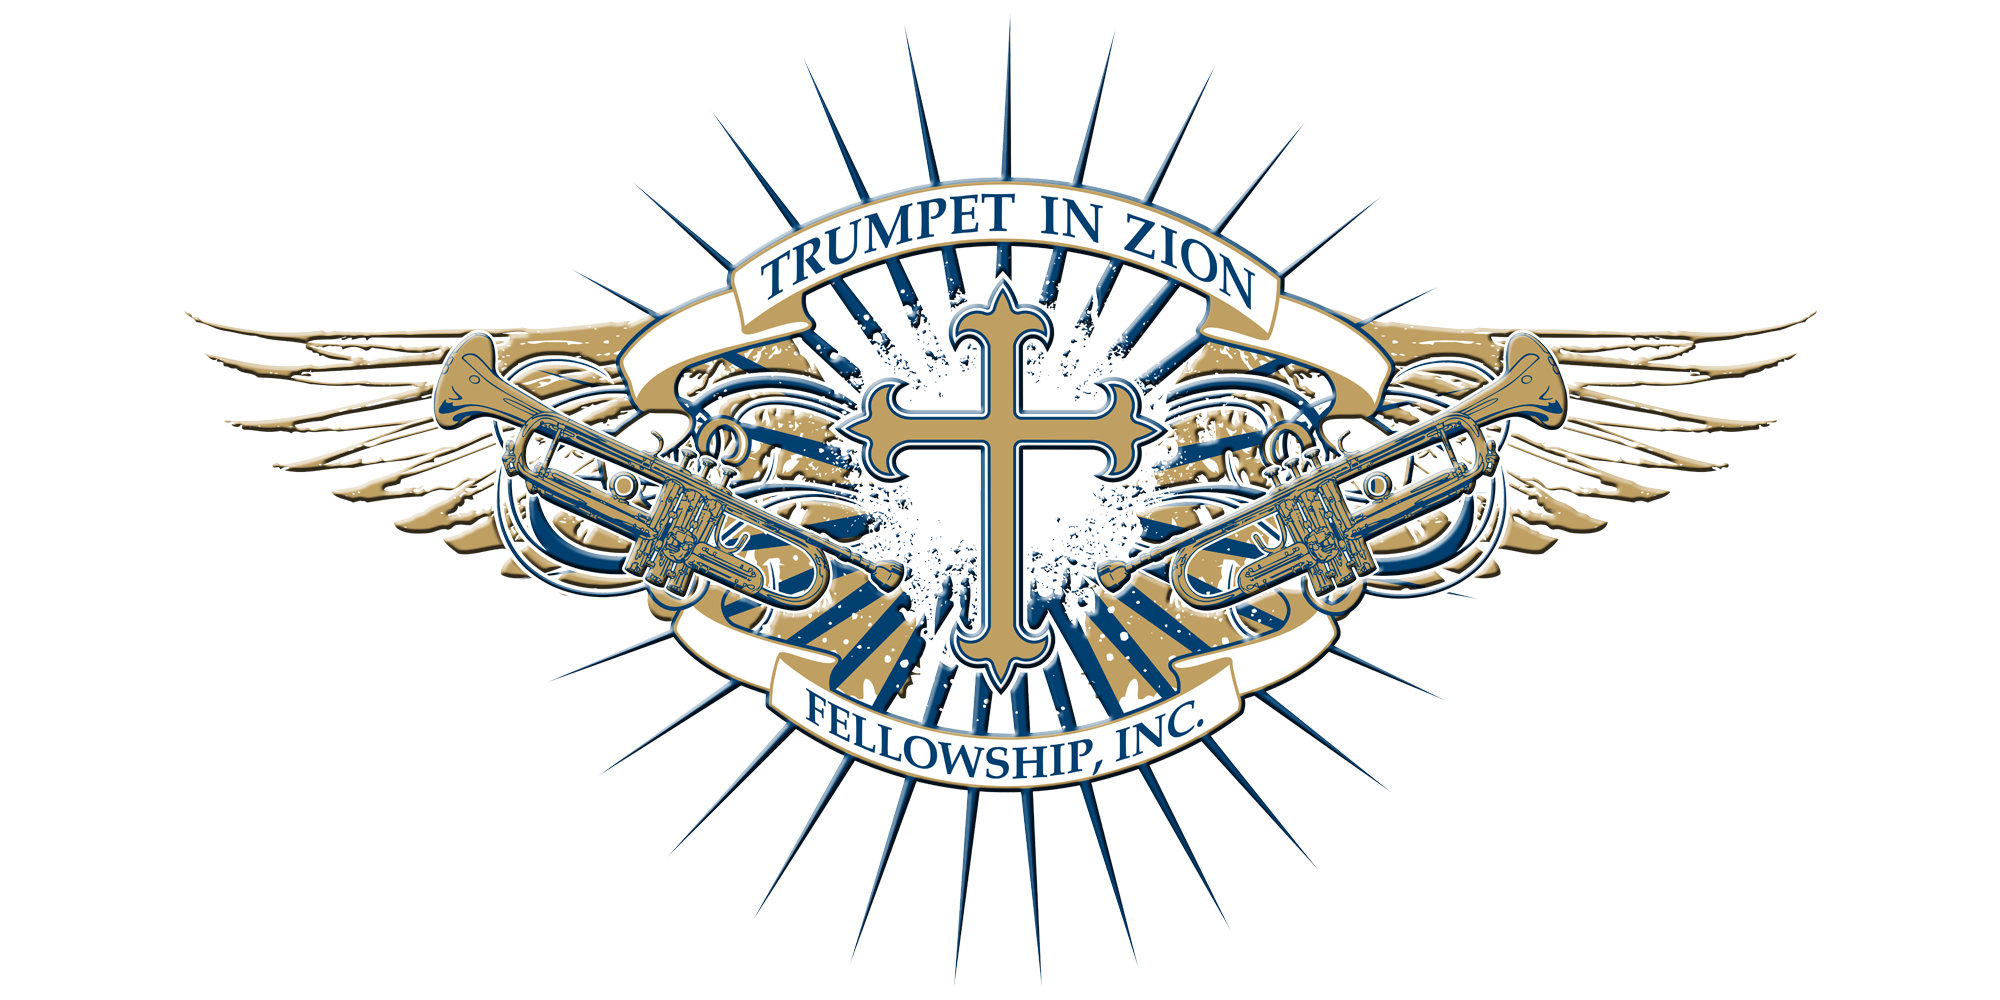 trumpet in zion apostle darryl mccoy apostle darryl g mccoy sr